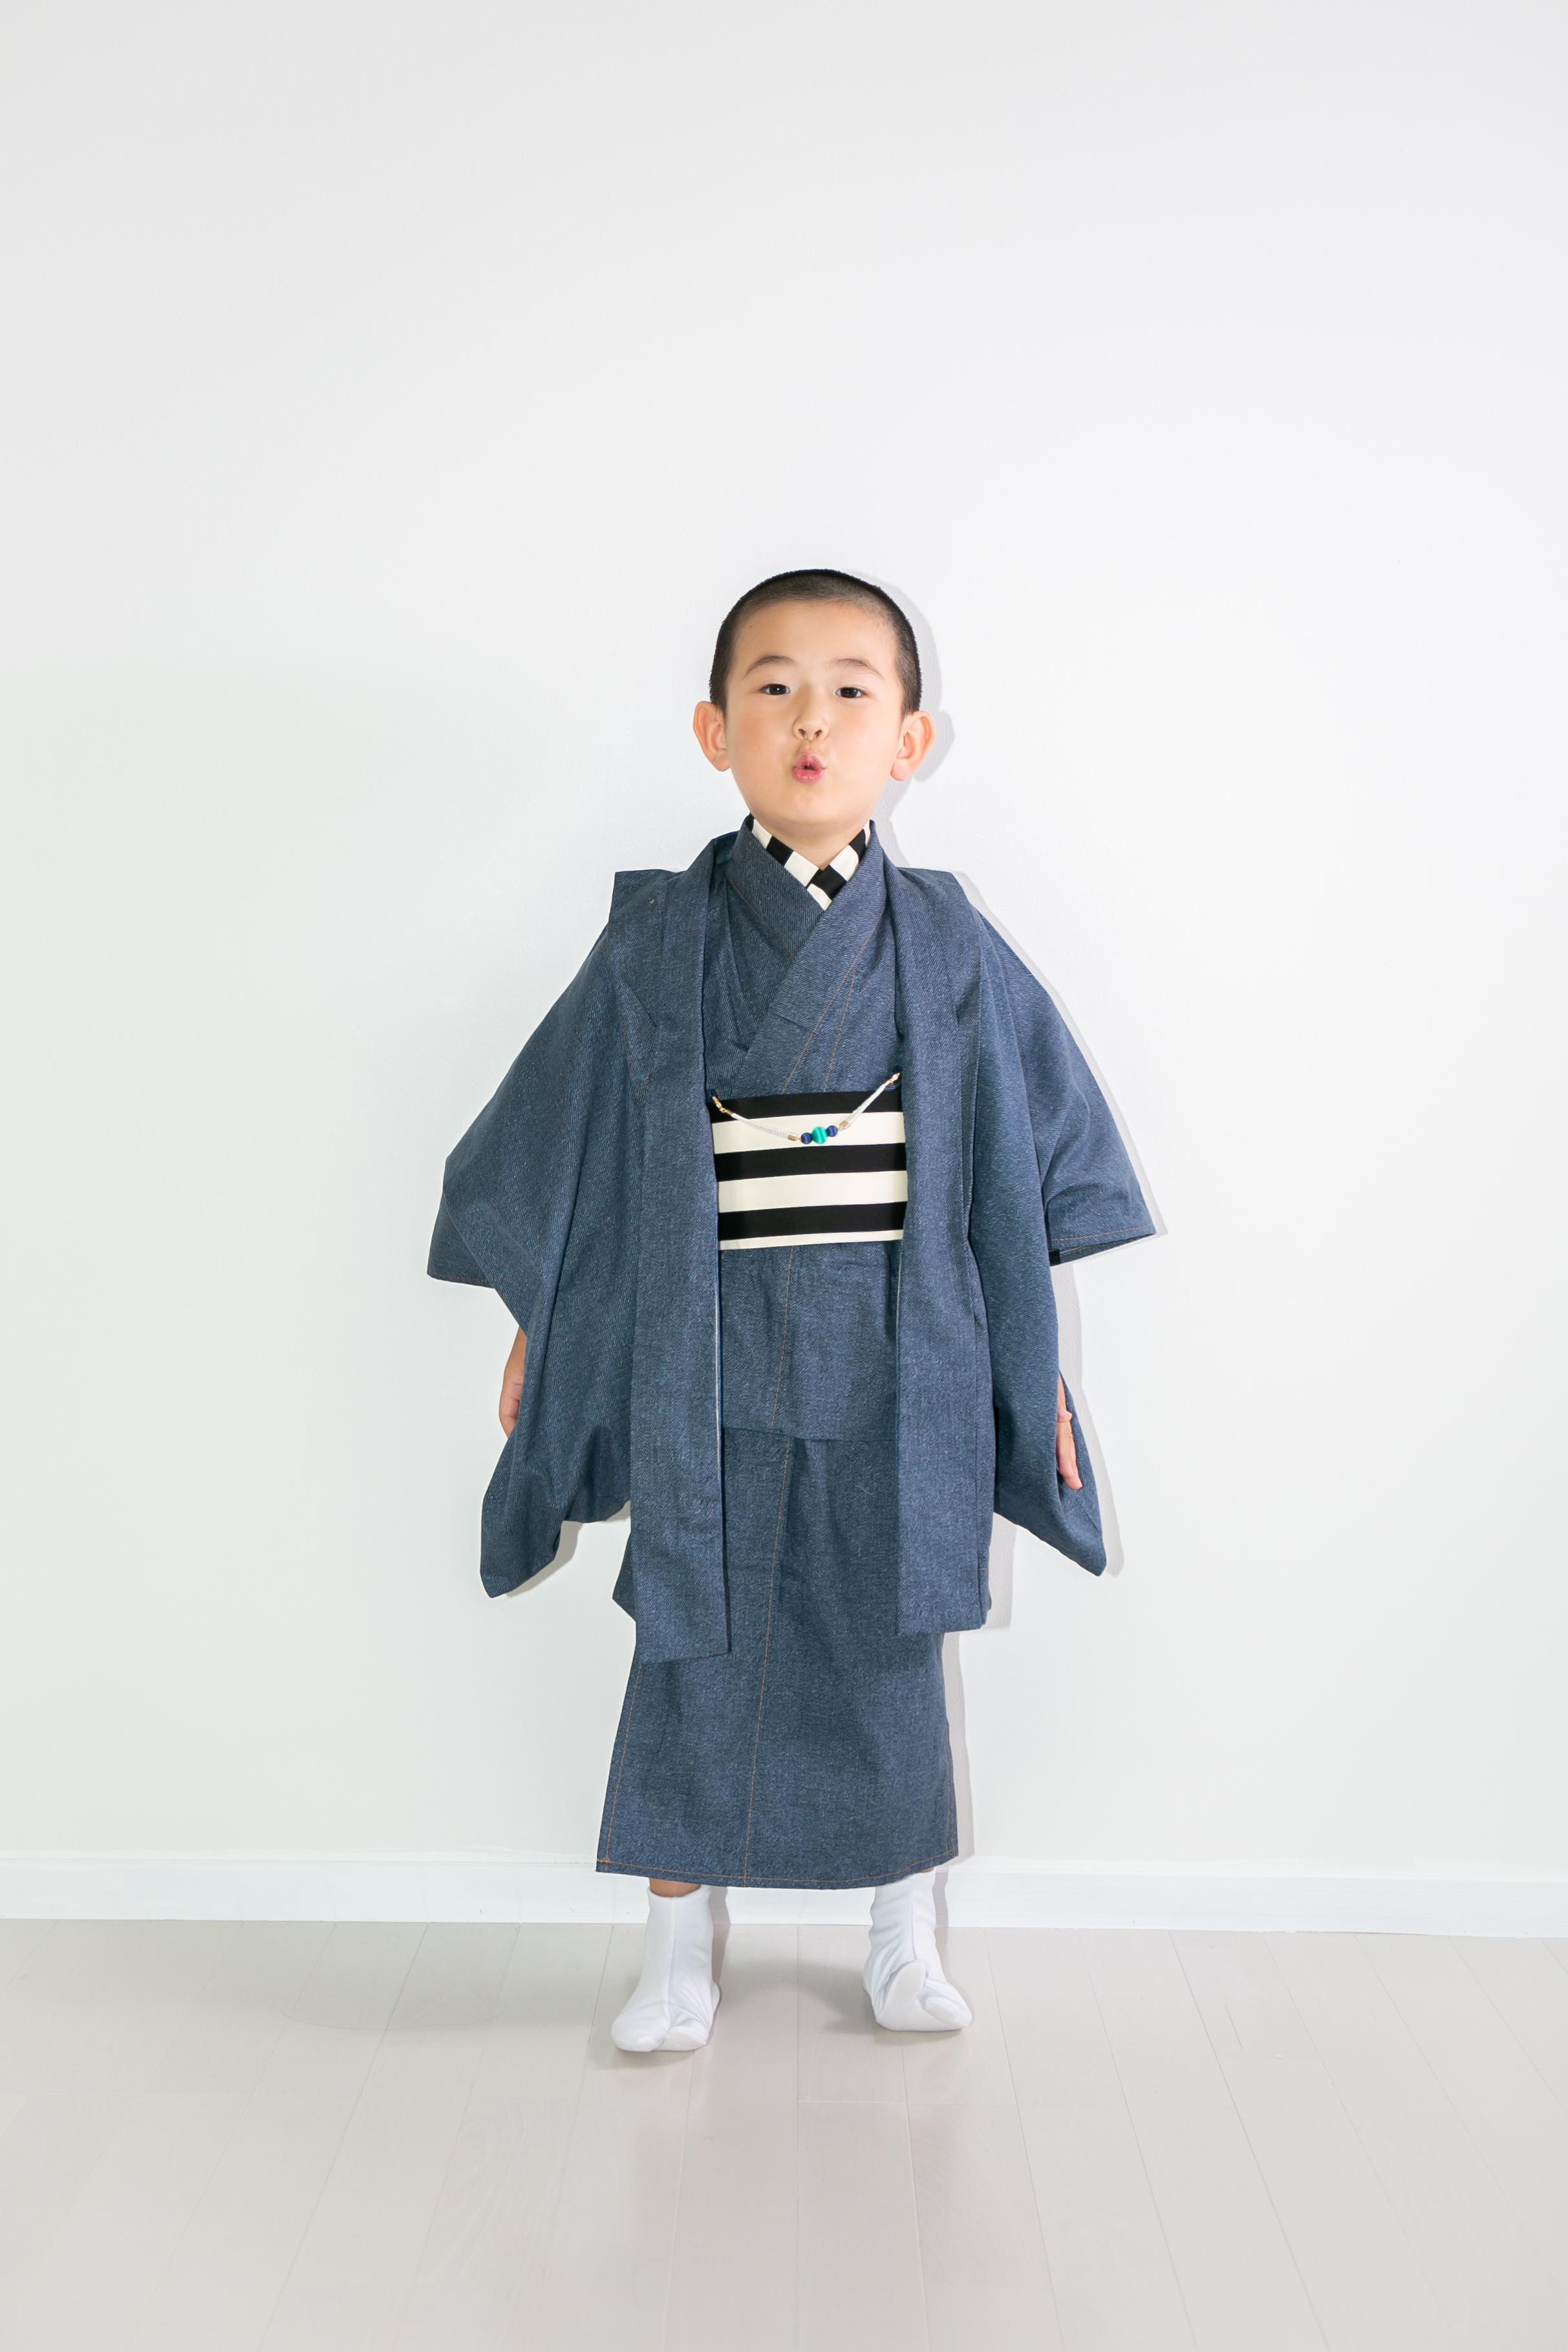 5月10日再販! デニム 男子 羽織袴7点セット